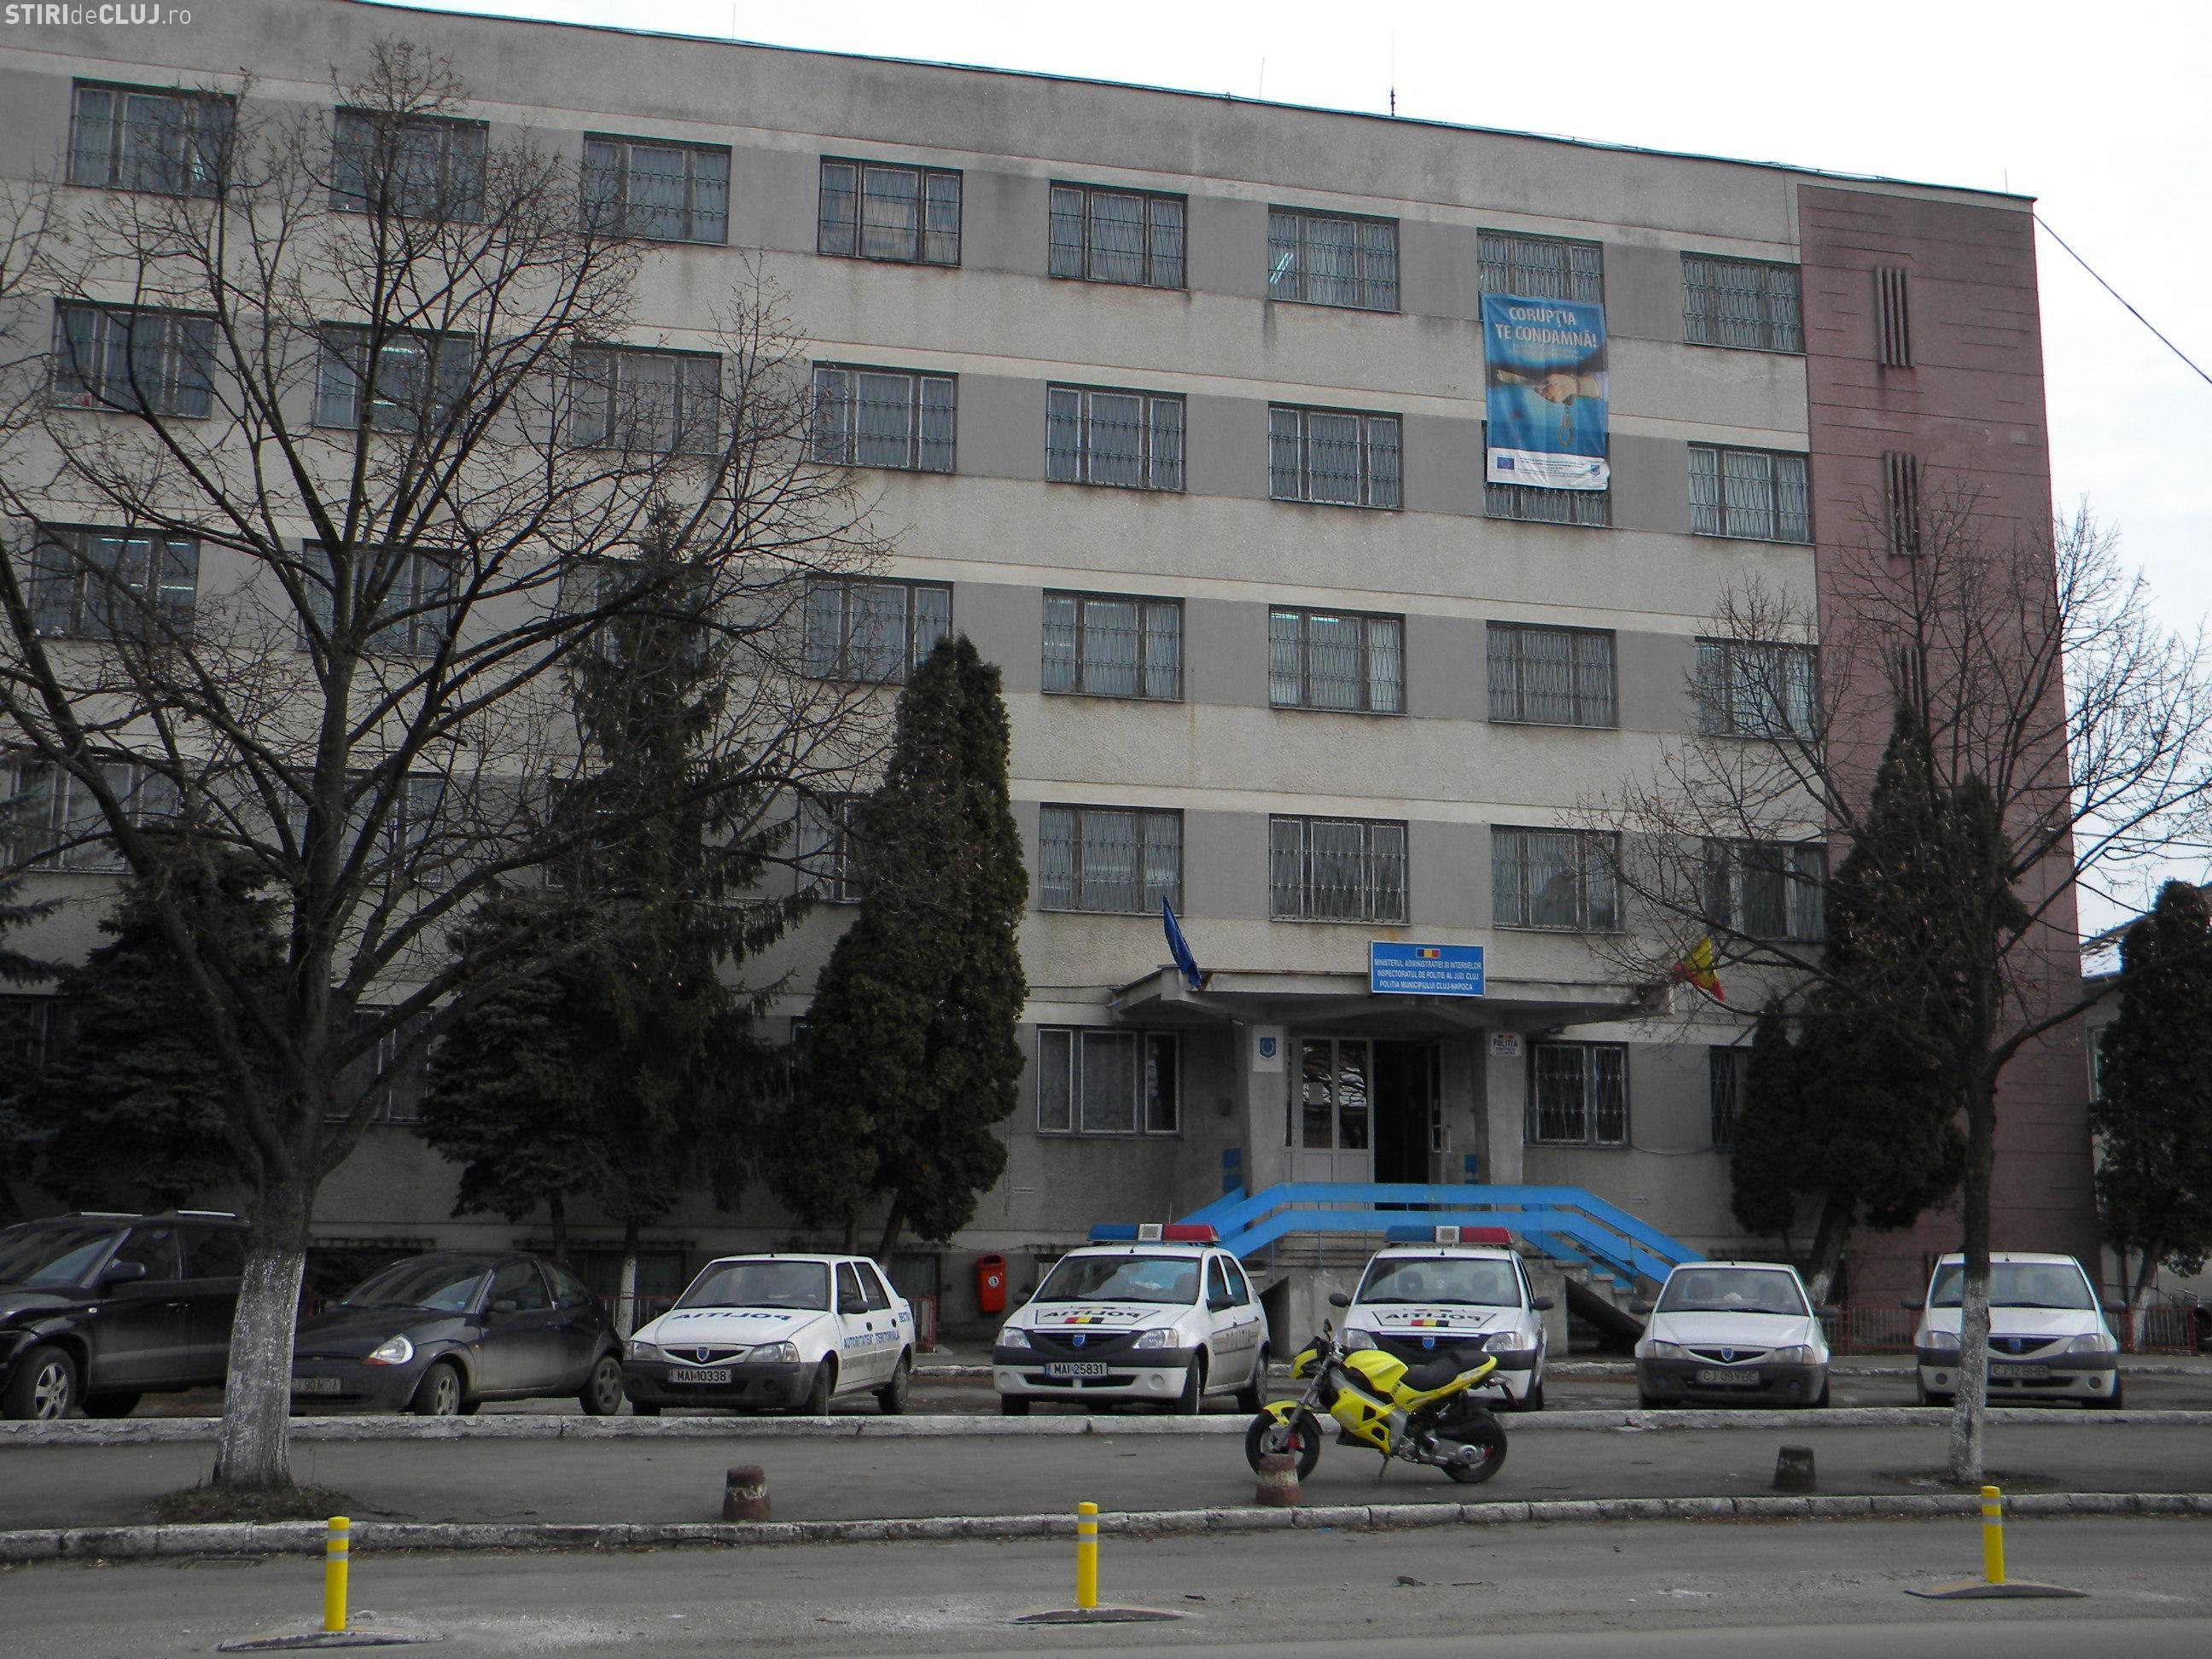 Sef din Politia Cluj dadea ponturi inculpatilor in legatura cu filajele facute de anchetatori